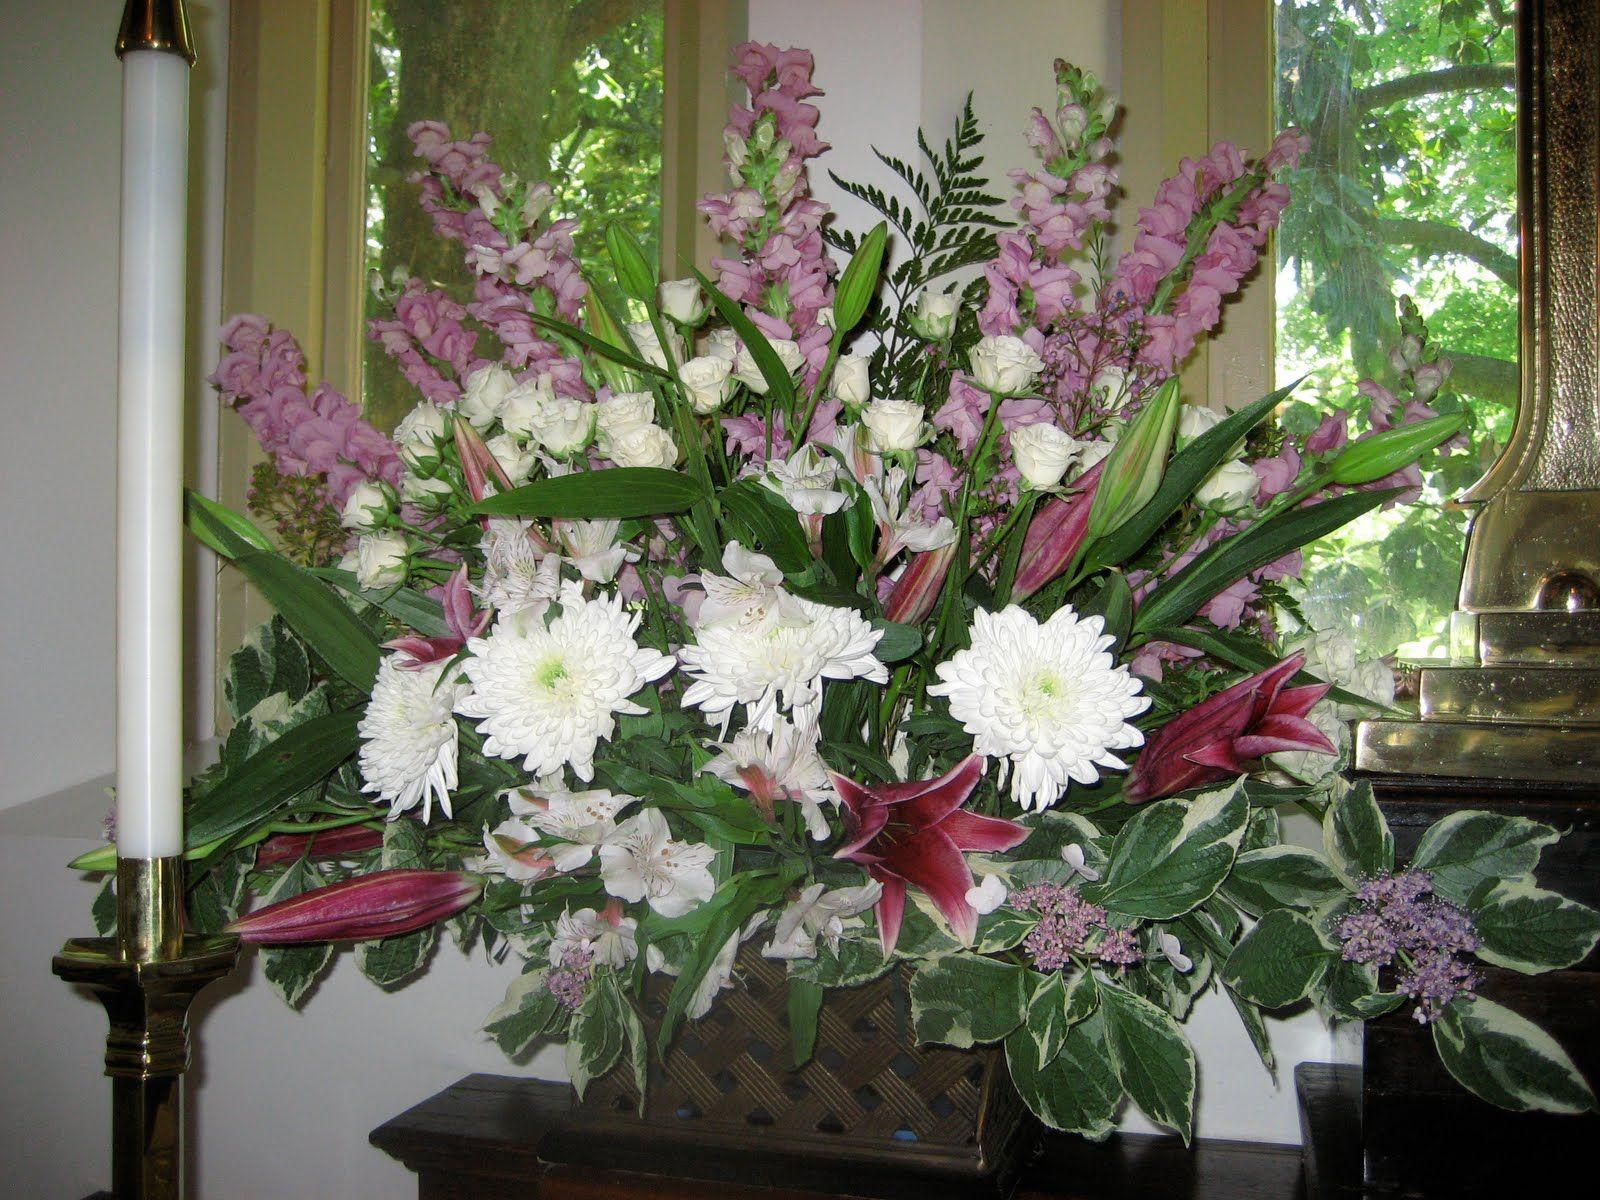 Church Chapel Flower Arrangements | Lacecap hydrangeas out ...